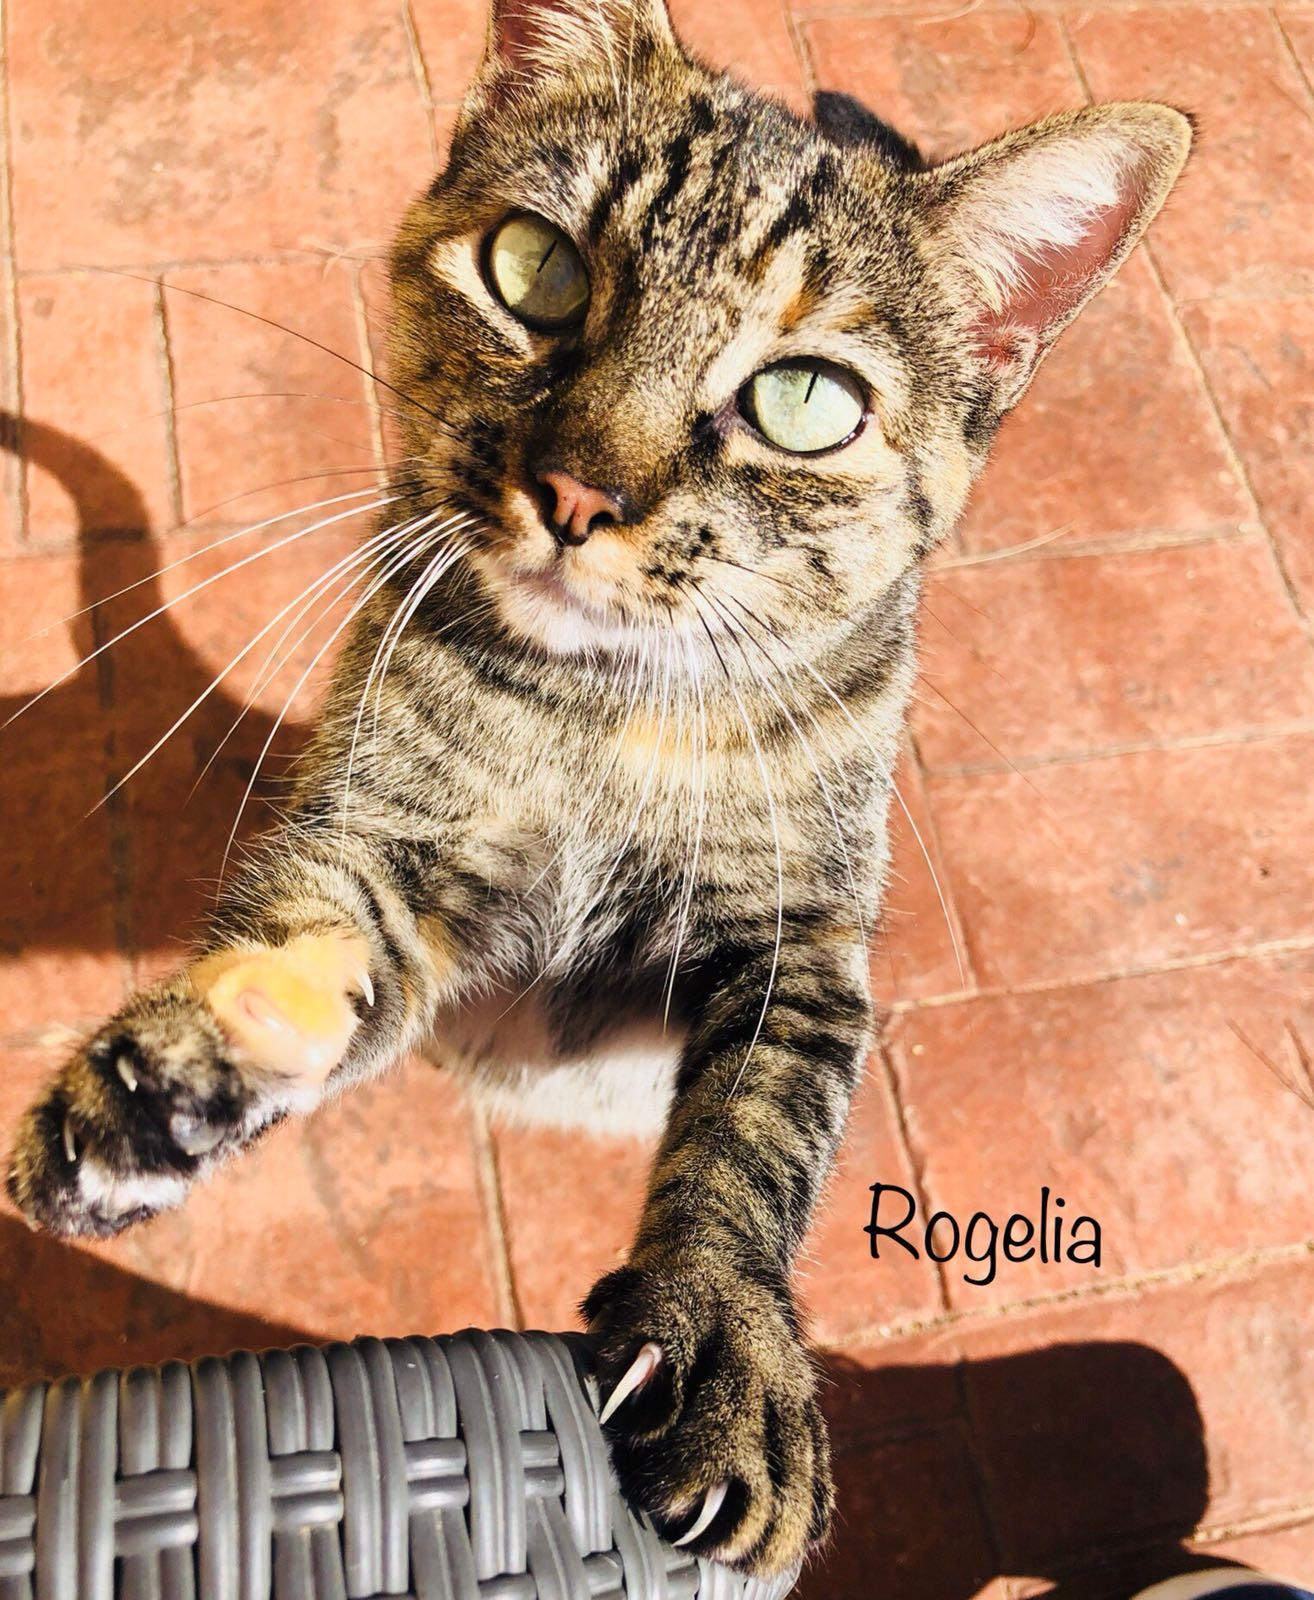 ROGELIA-5.jpg